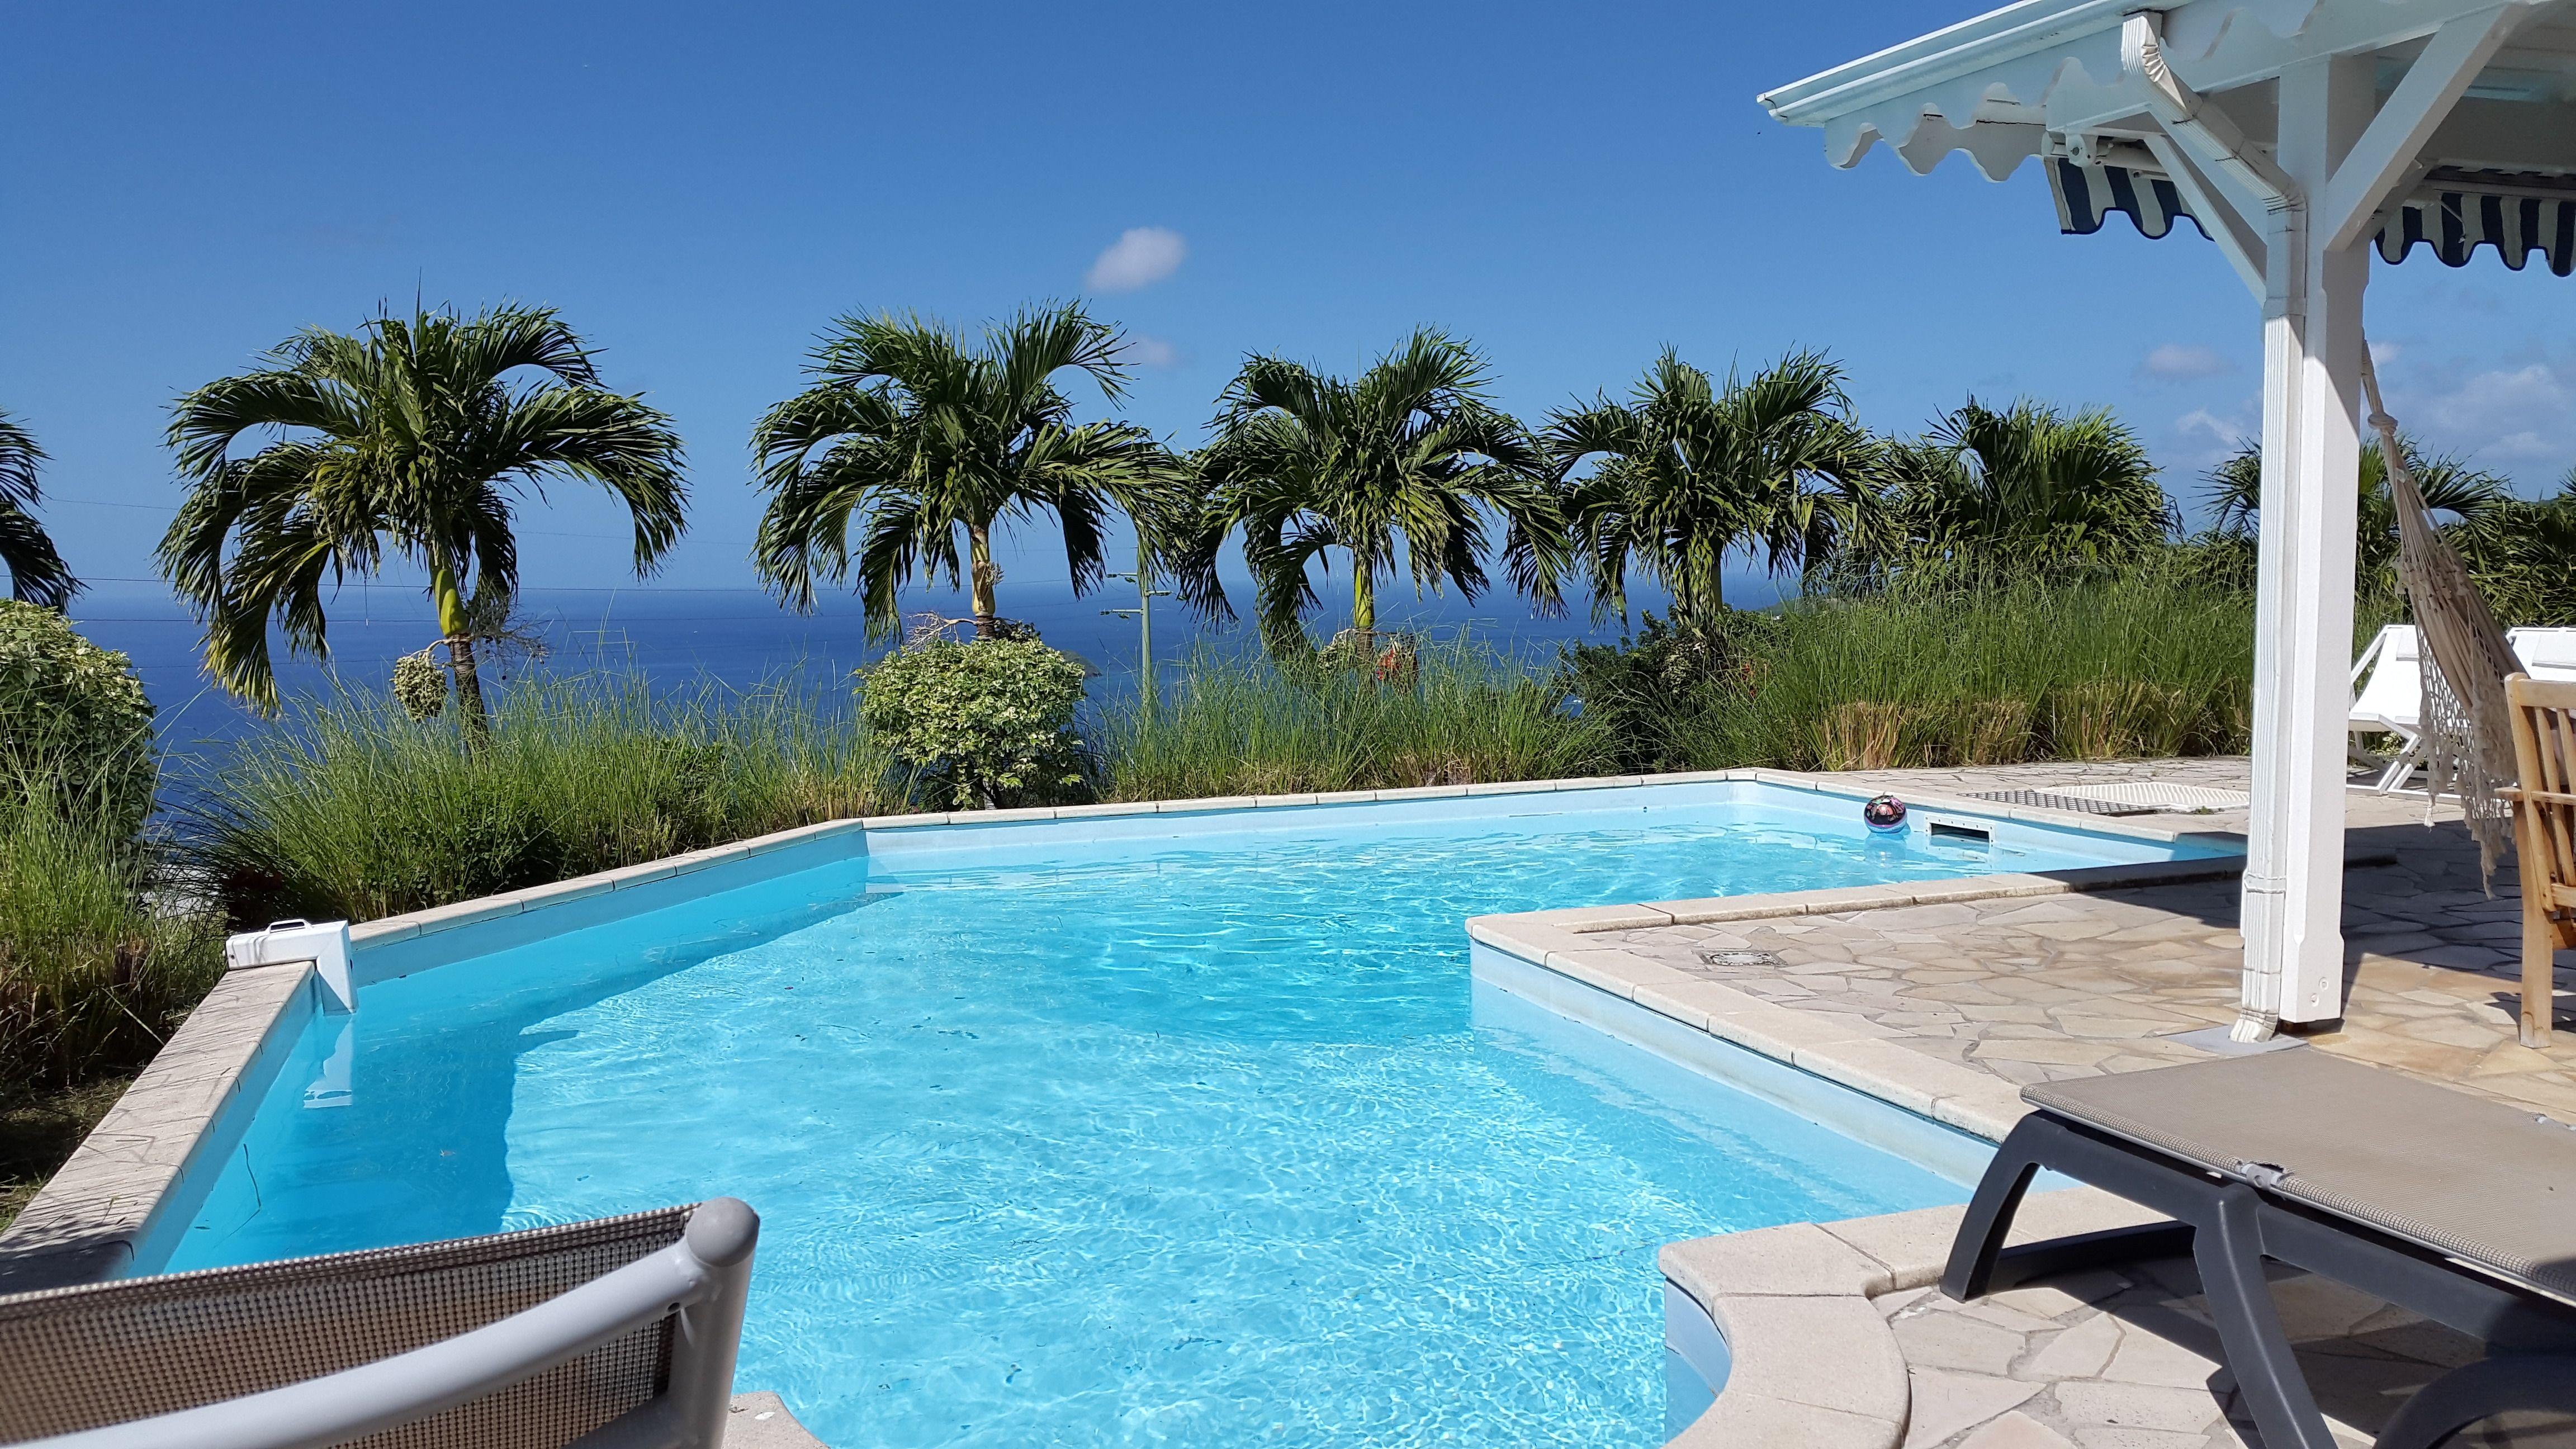 Tifle villa louer bouillante guadeloupe piscine - Bungalow guadeloupe piscine privee ...